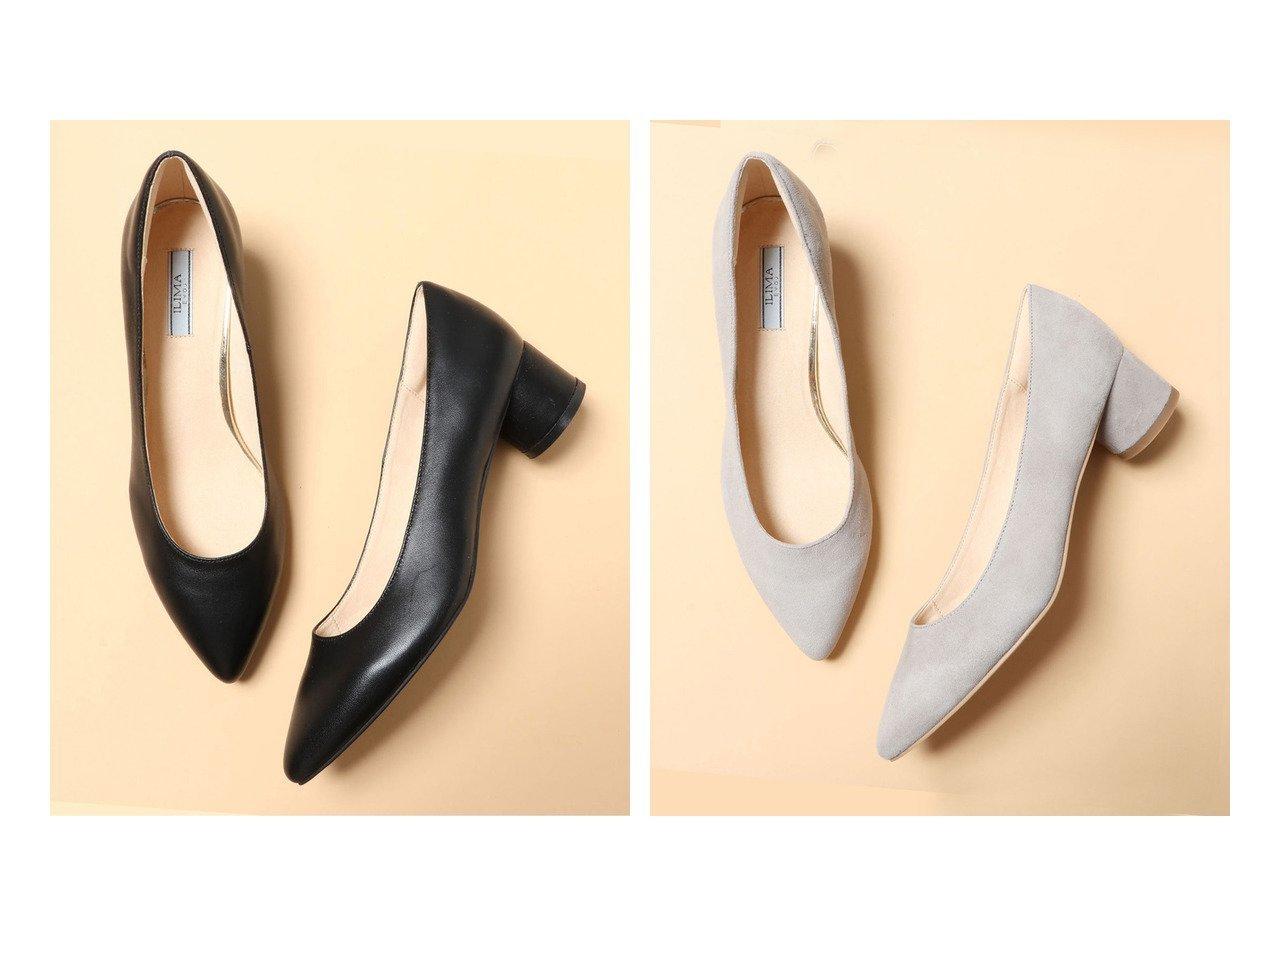 【EVOL/イーボル】の【EVOL】 本革4.5cmパンプス 【シューズ・靴】おすすめ!人気、トレンド・レディースファッションの通販 おすすめで人気の流行・トレンド、ファッションの通販商品 メンズファッション・キッズファッション・インテリア・家具・レディースファッション・服の通販 founy(ファニー) https://founy.com/ ファッション Fashion レディースファッション WOMEN NEW・新作・新着・新入荷 New Arrivals クッション シューズ |ID:crp329100000036724